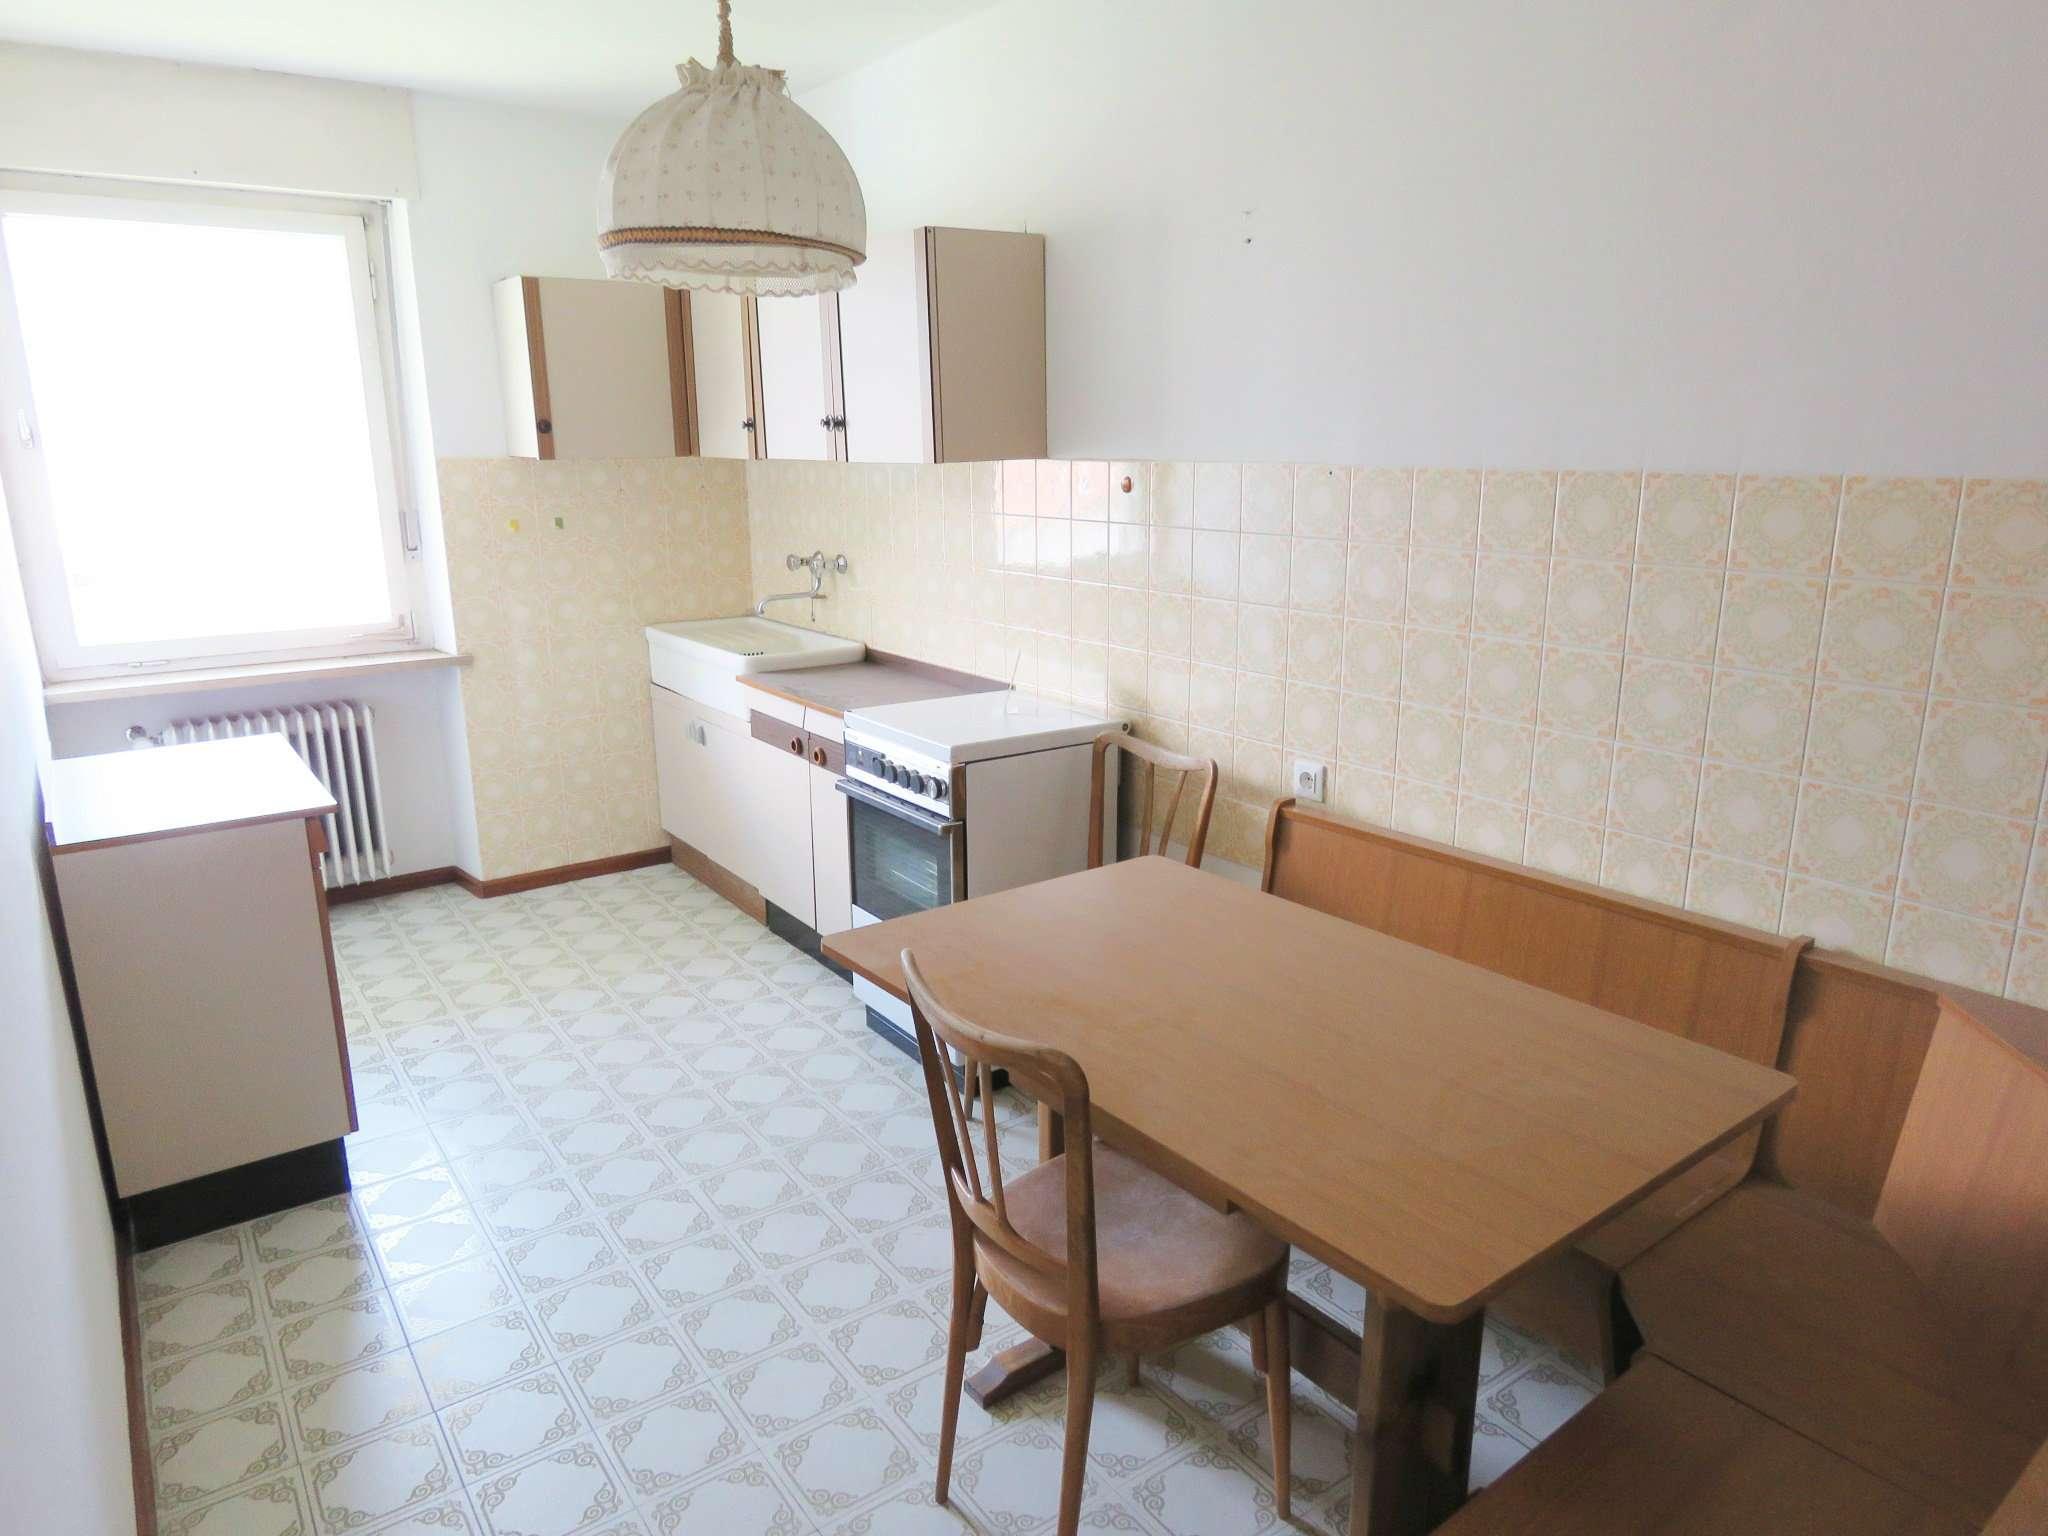 Appartamento in vendita a Marlengo, 2 locali, prezzo € 140.000 | PortaleAgenzieImmobiliari.it